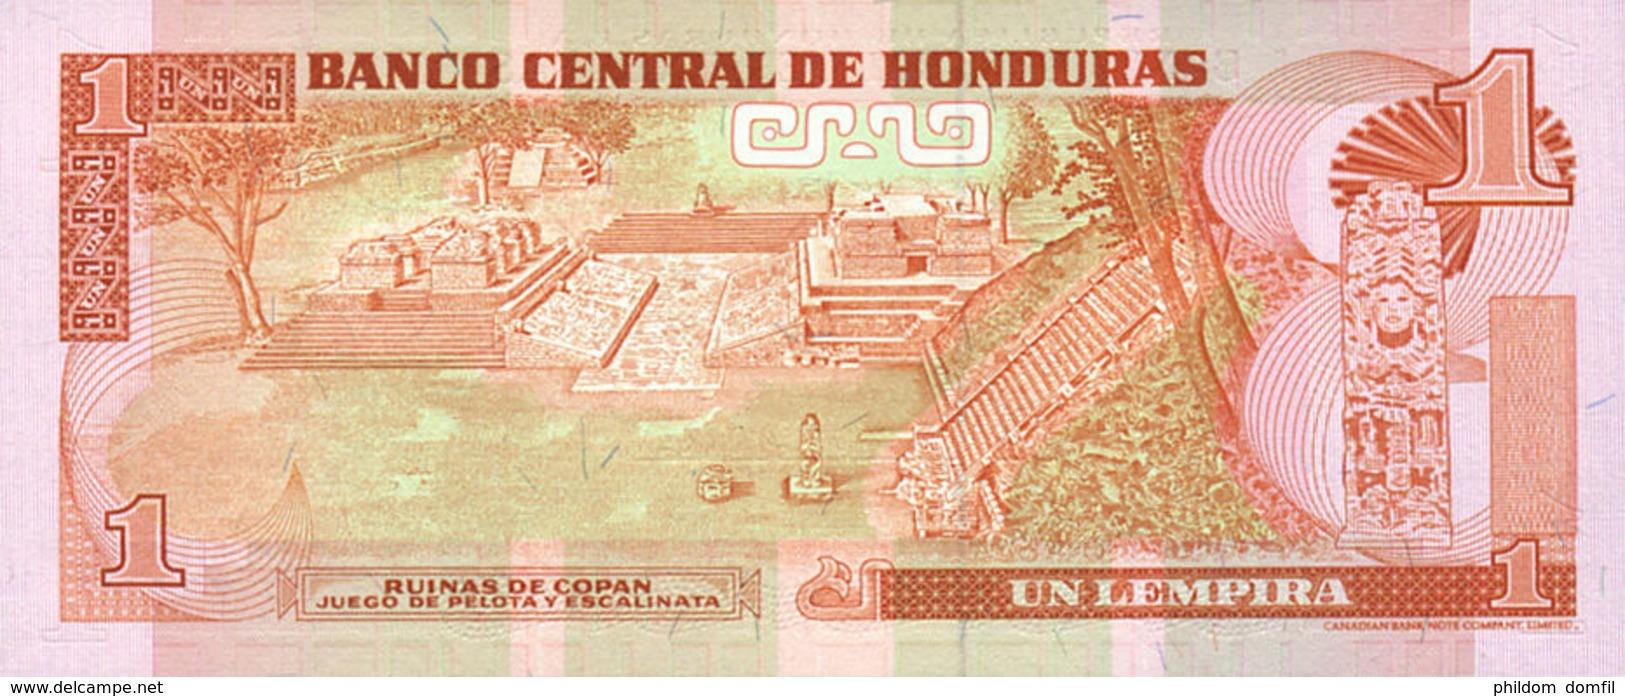 Ref. 535-931 - BIN HONDURAS . 1992. 1 LEMPEIRA HONDURAS 1992. 1 LEMPEIRA HONDURAS 1992 - Honduras